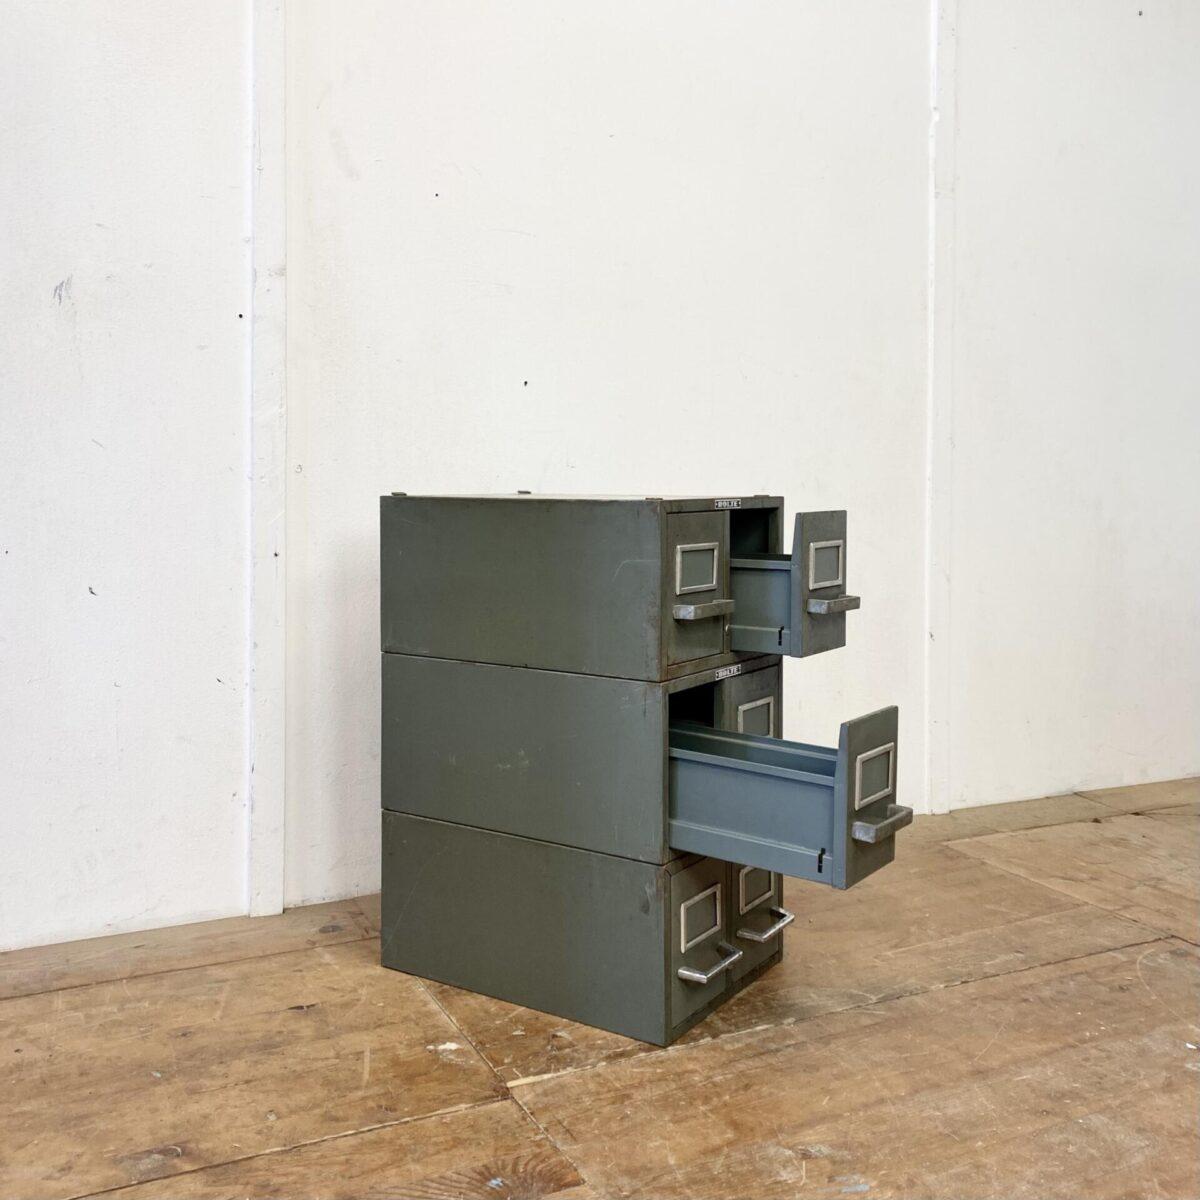 Deuxieme.shop Industrial design Schubladenmöbel. Bolte Industrie Schubladen Elemente aus Metall. 31x43cm Höhe 20.5cm. Die Höhe des Sockel Element ist 40cm. Das stapelbare System hält gut zusammen, hinten wird das abgekantete Blech eingehängt, und vorne verhindern die Scheiben das verrutschen. Die Schubladen, mit Etikettenrahmen, laufen gut. Insgesamt sind 12 Schubladenkorpusse vorhanden. Der Preis gilt für alle zusamm